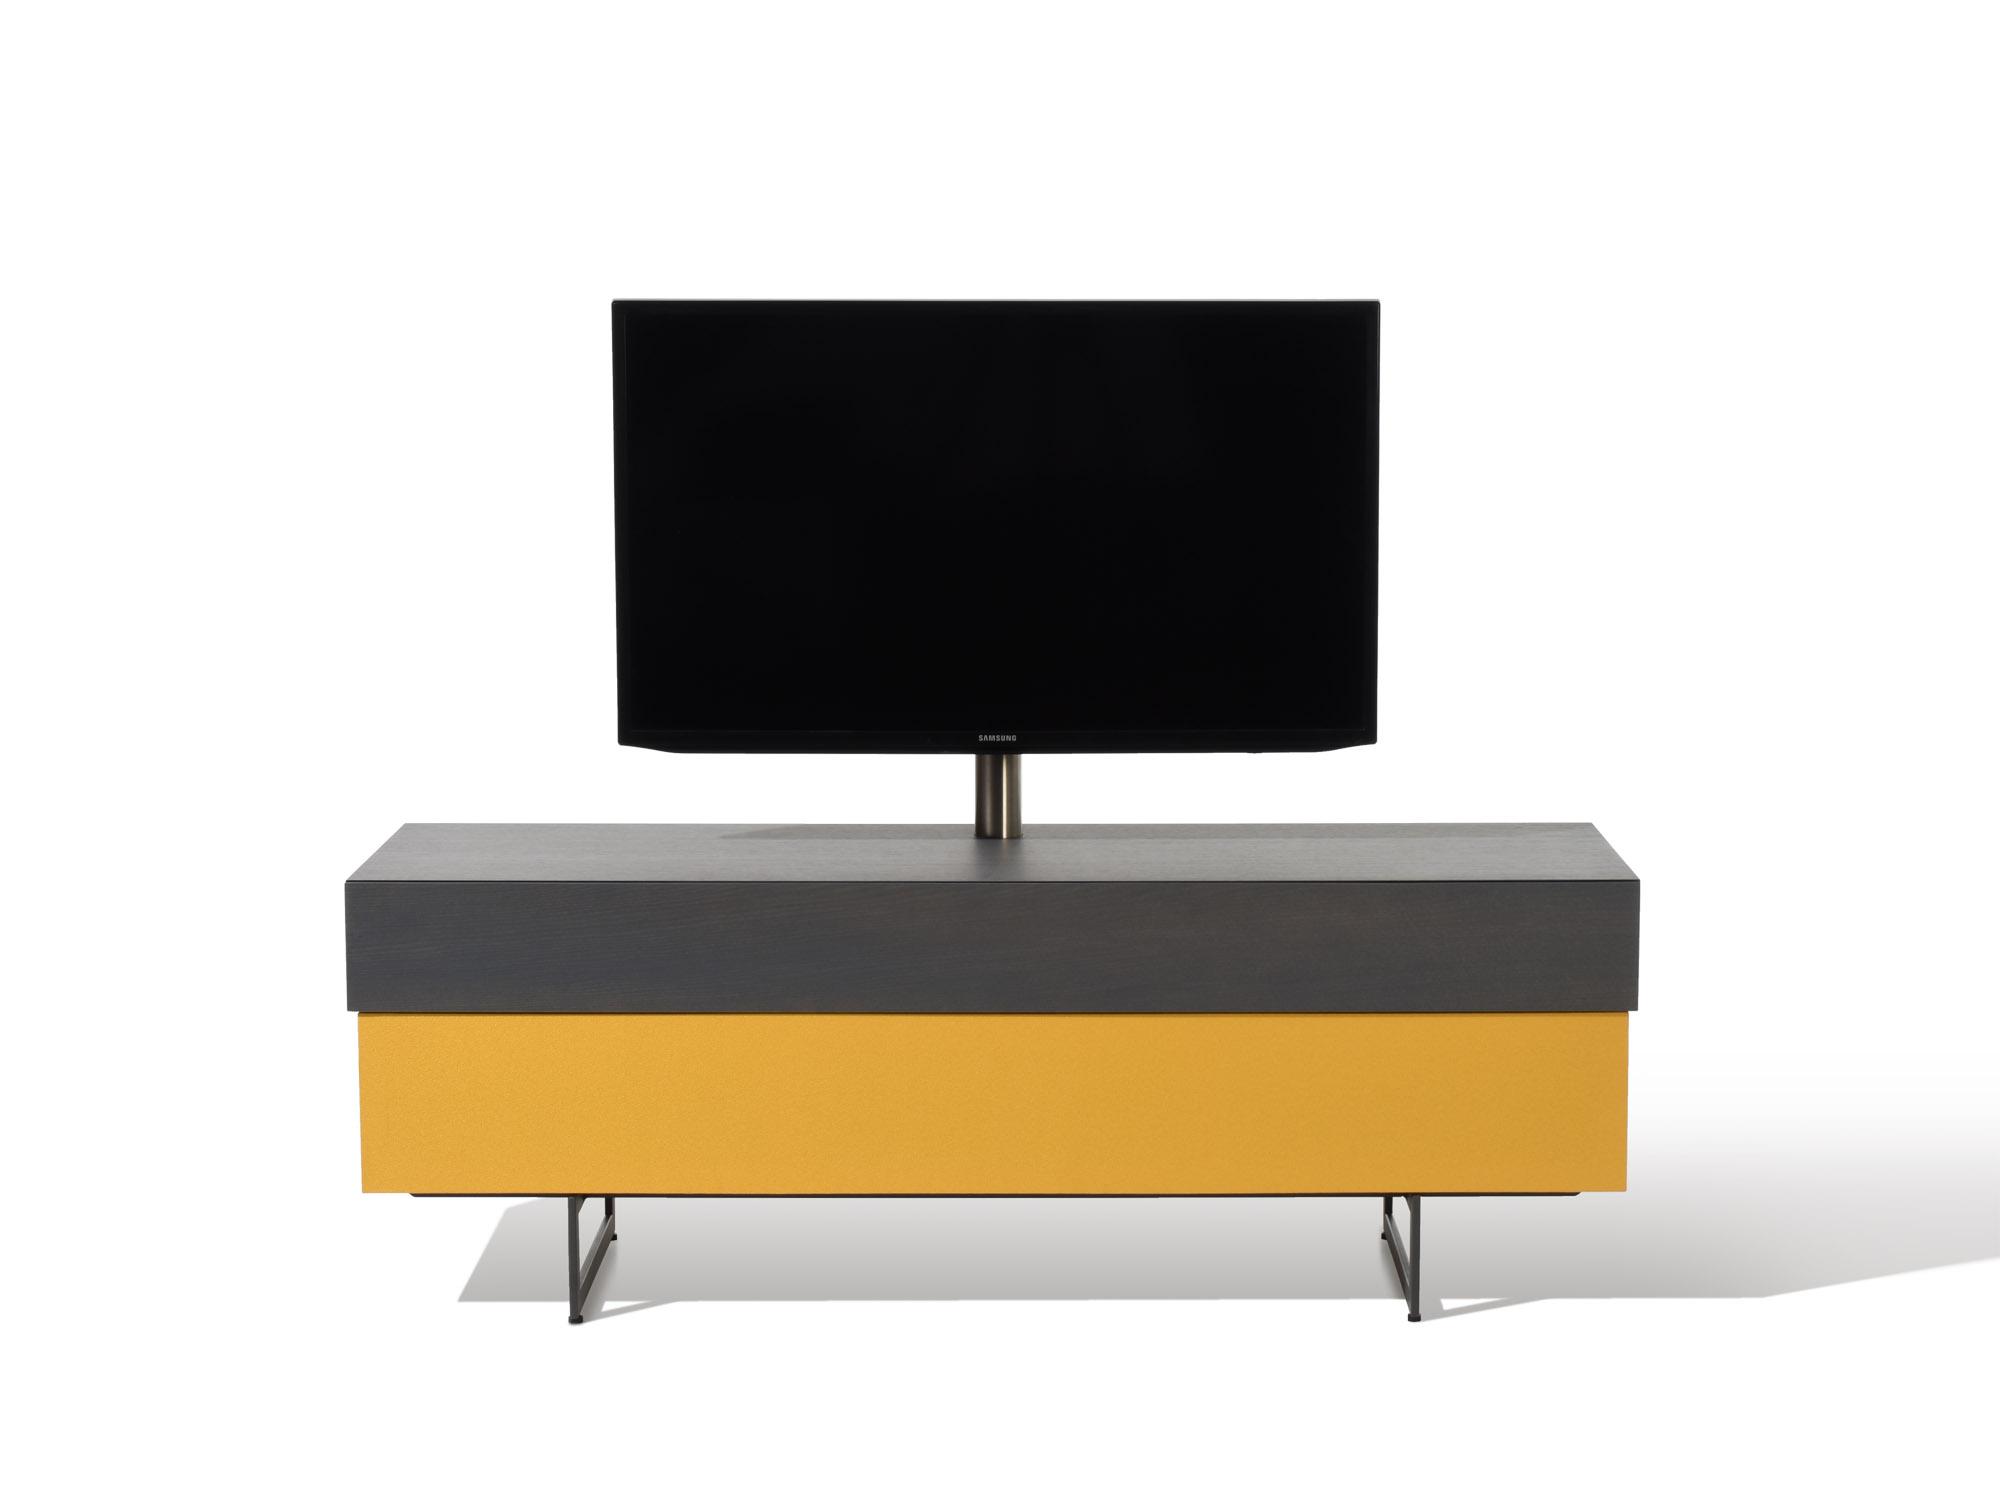 Castelijn TAPA - Design by Marieke Castelijn